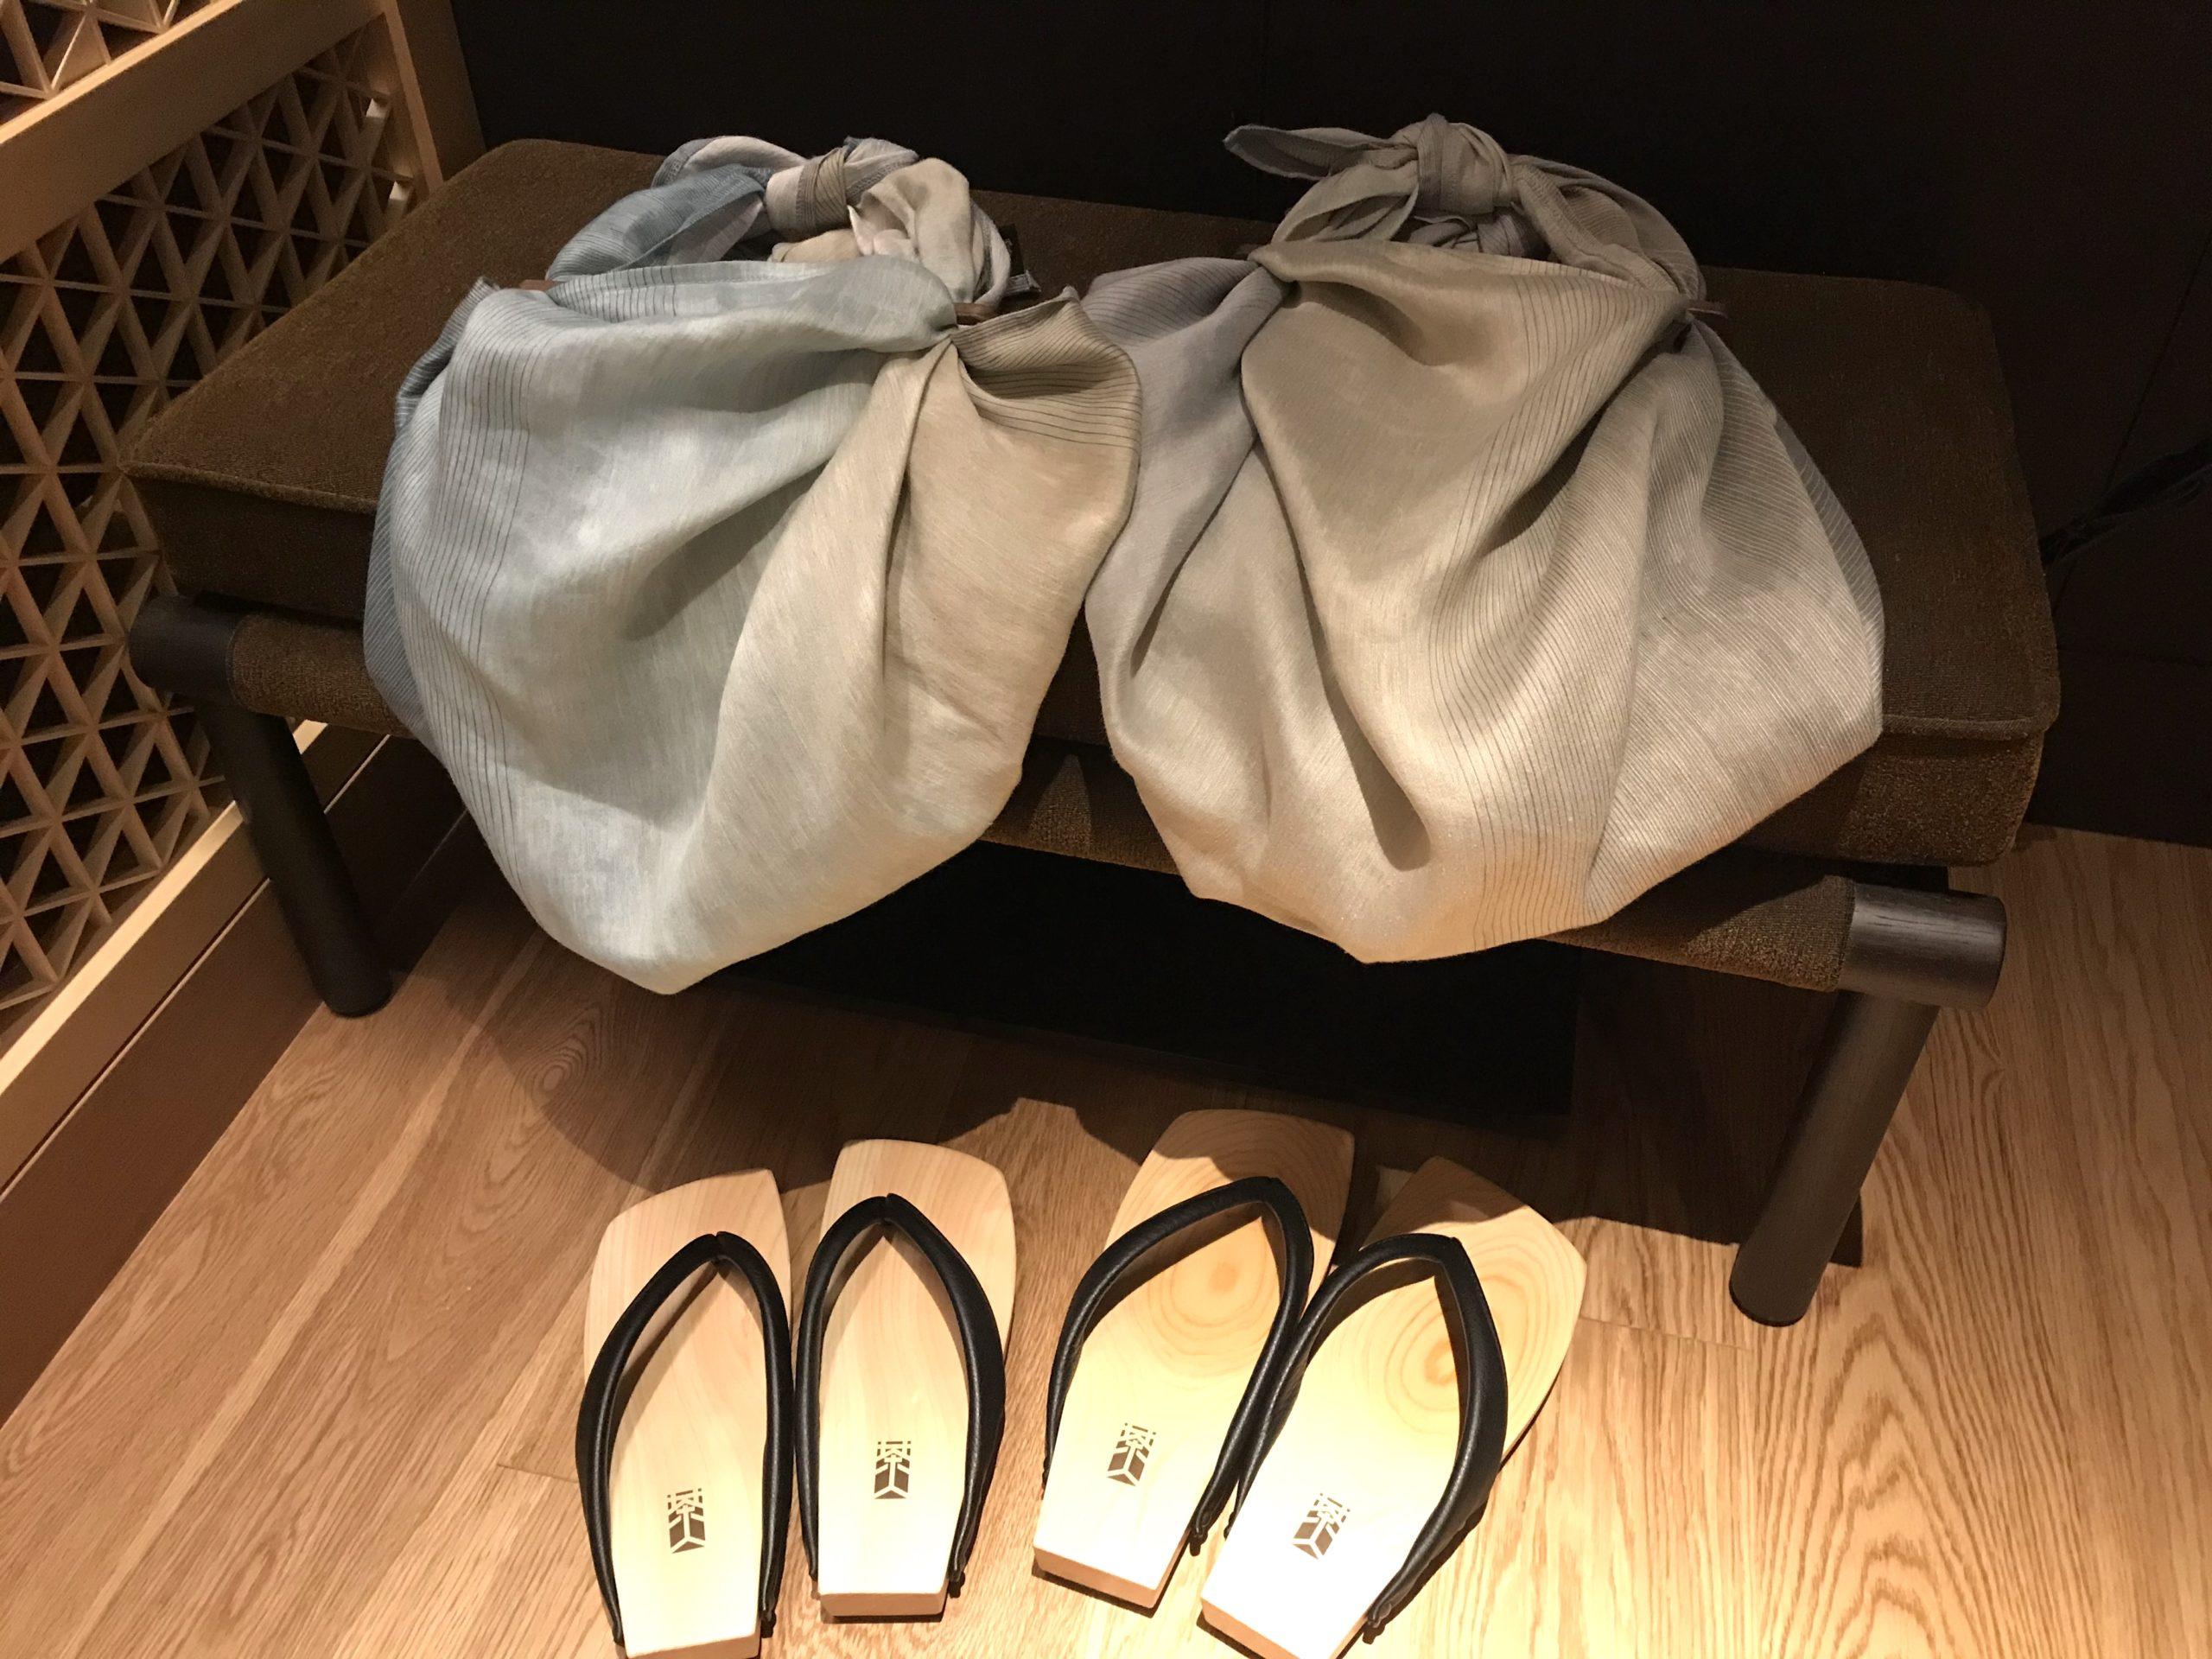 ザ・リッツ・カールトン日光の部屋にある下駄とバッグの写真